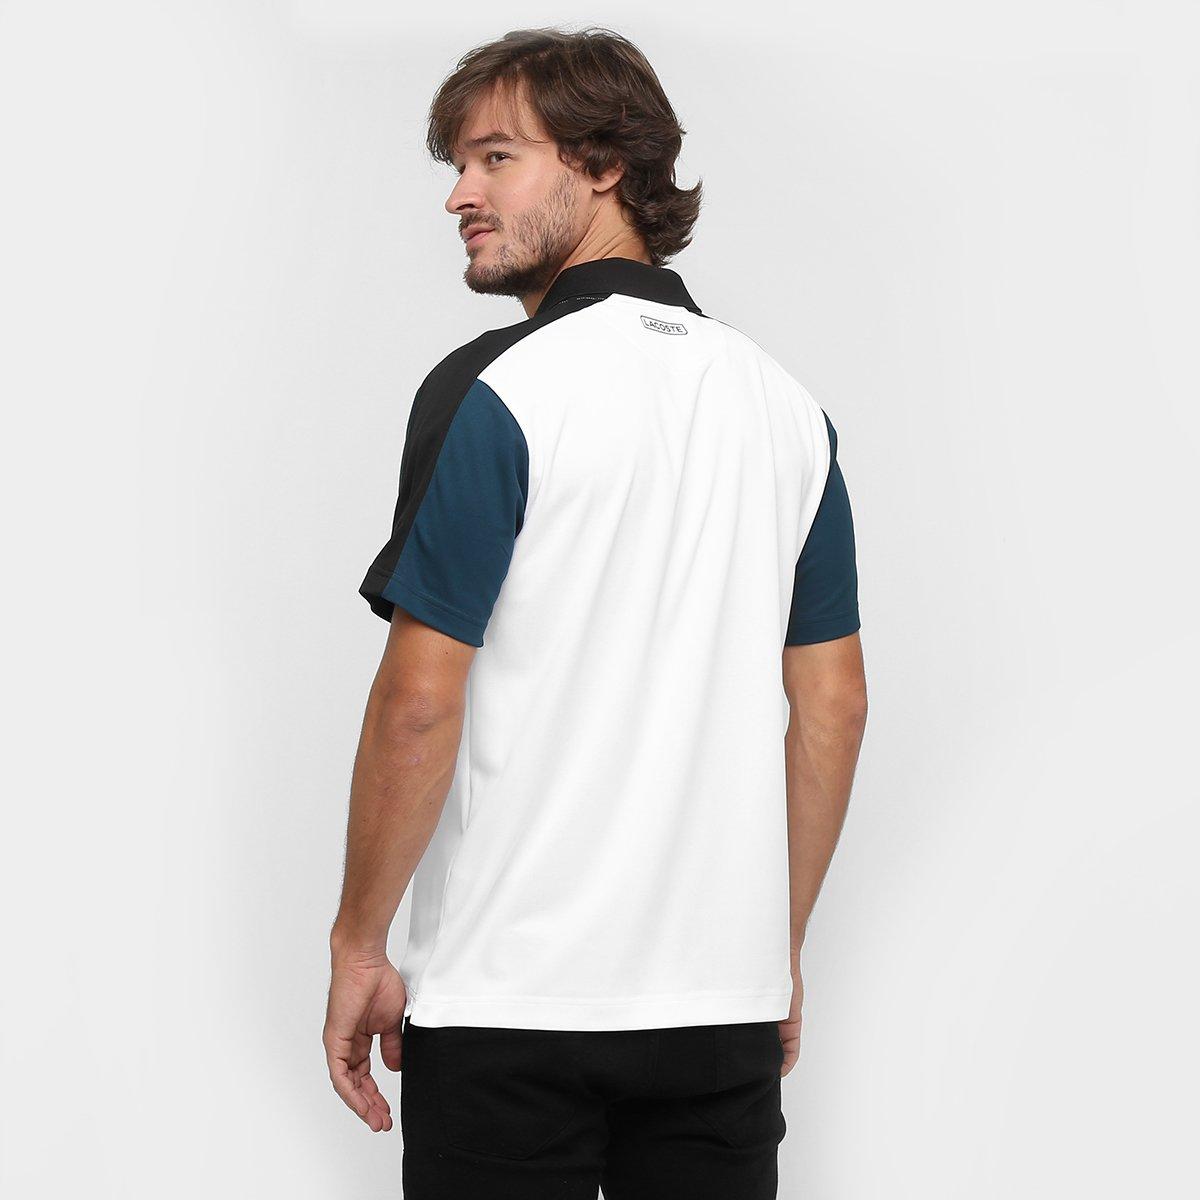 Camisa Polo Lacoste Fancy  Camisa Polo Lacoste Fancy ... 46475508ed4f6